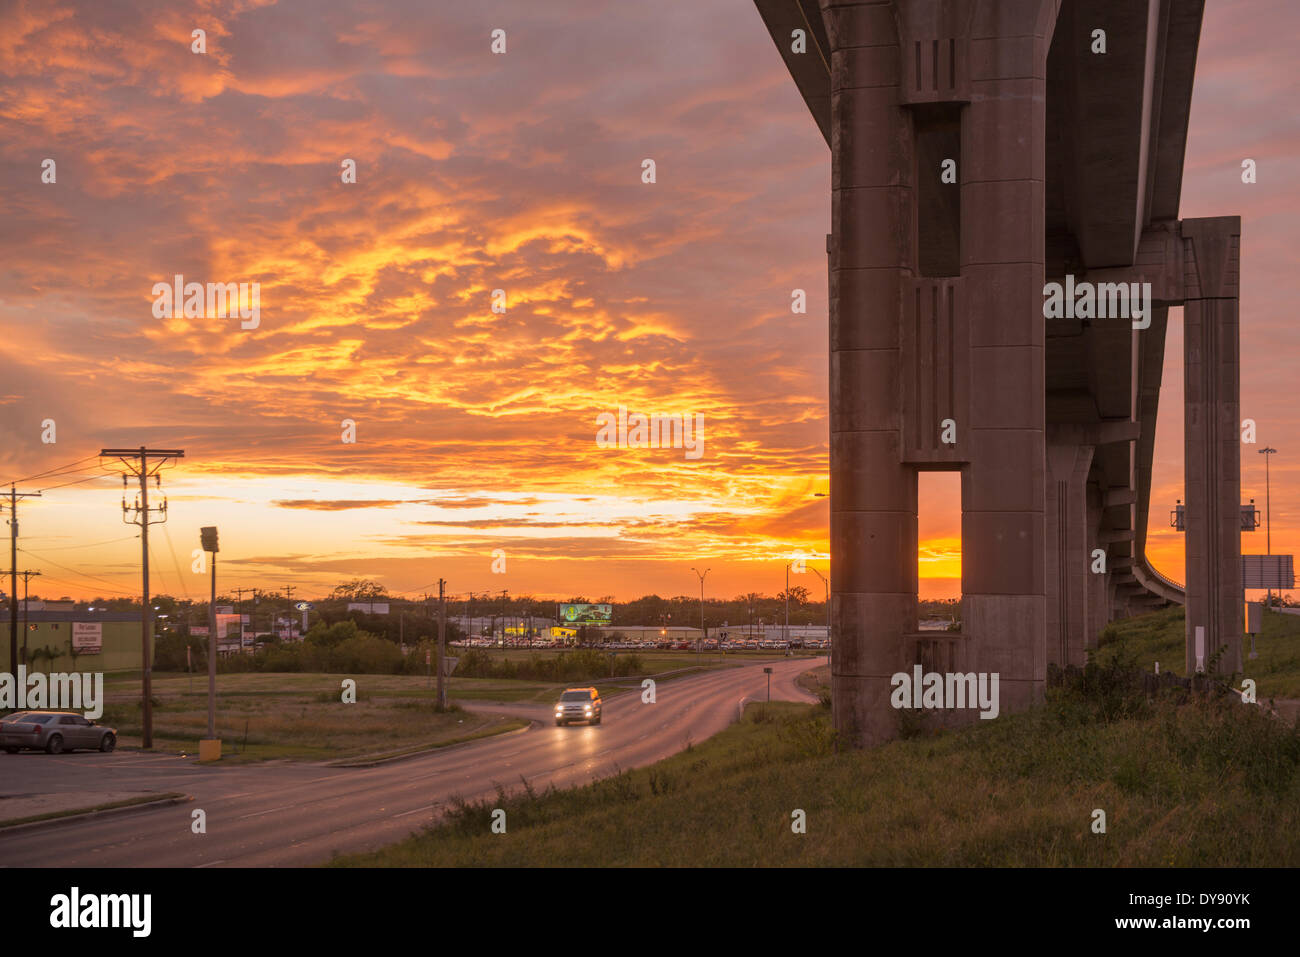 USA, USA, Amerika, Austin, Texas, Brücke, Unterführung, Autobahn, Straße, Stadt, Verkehr, Auto, Dämmerung Stockbild